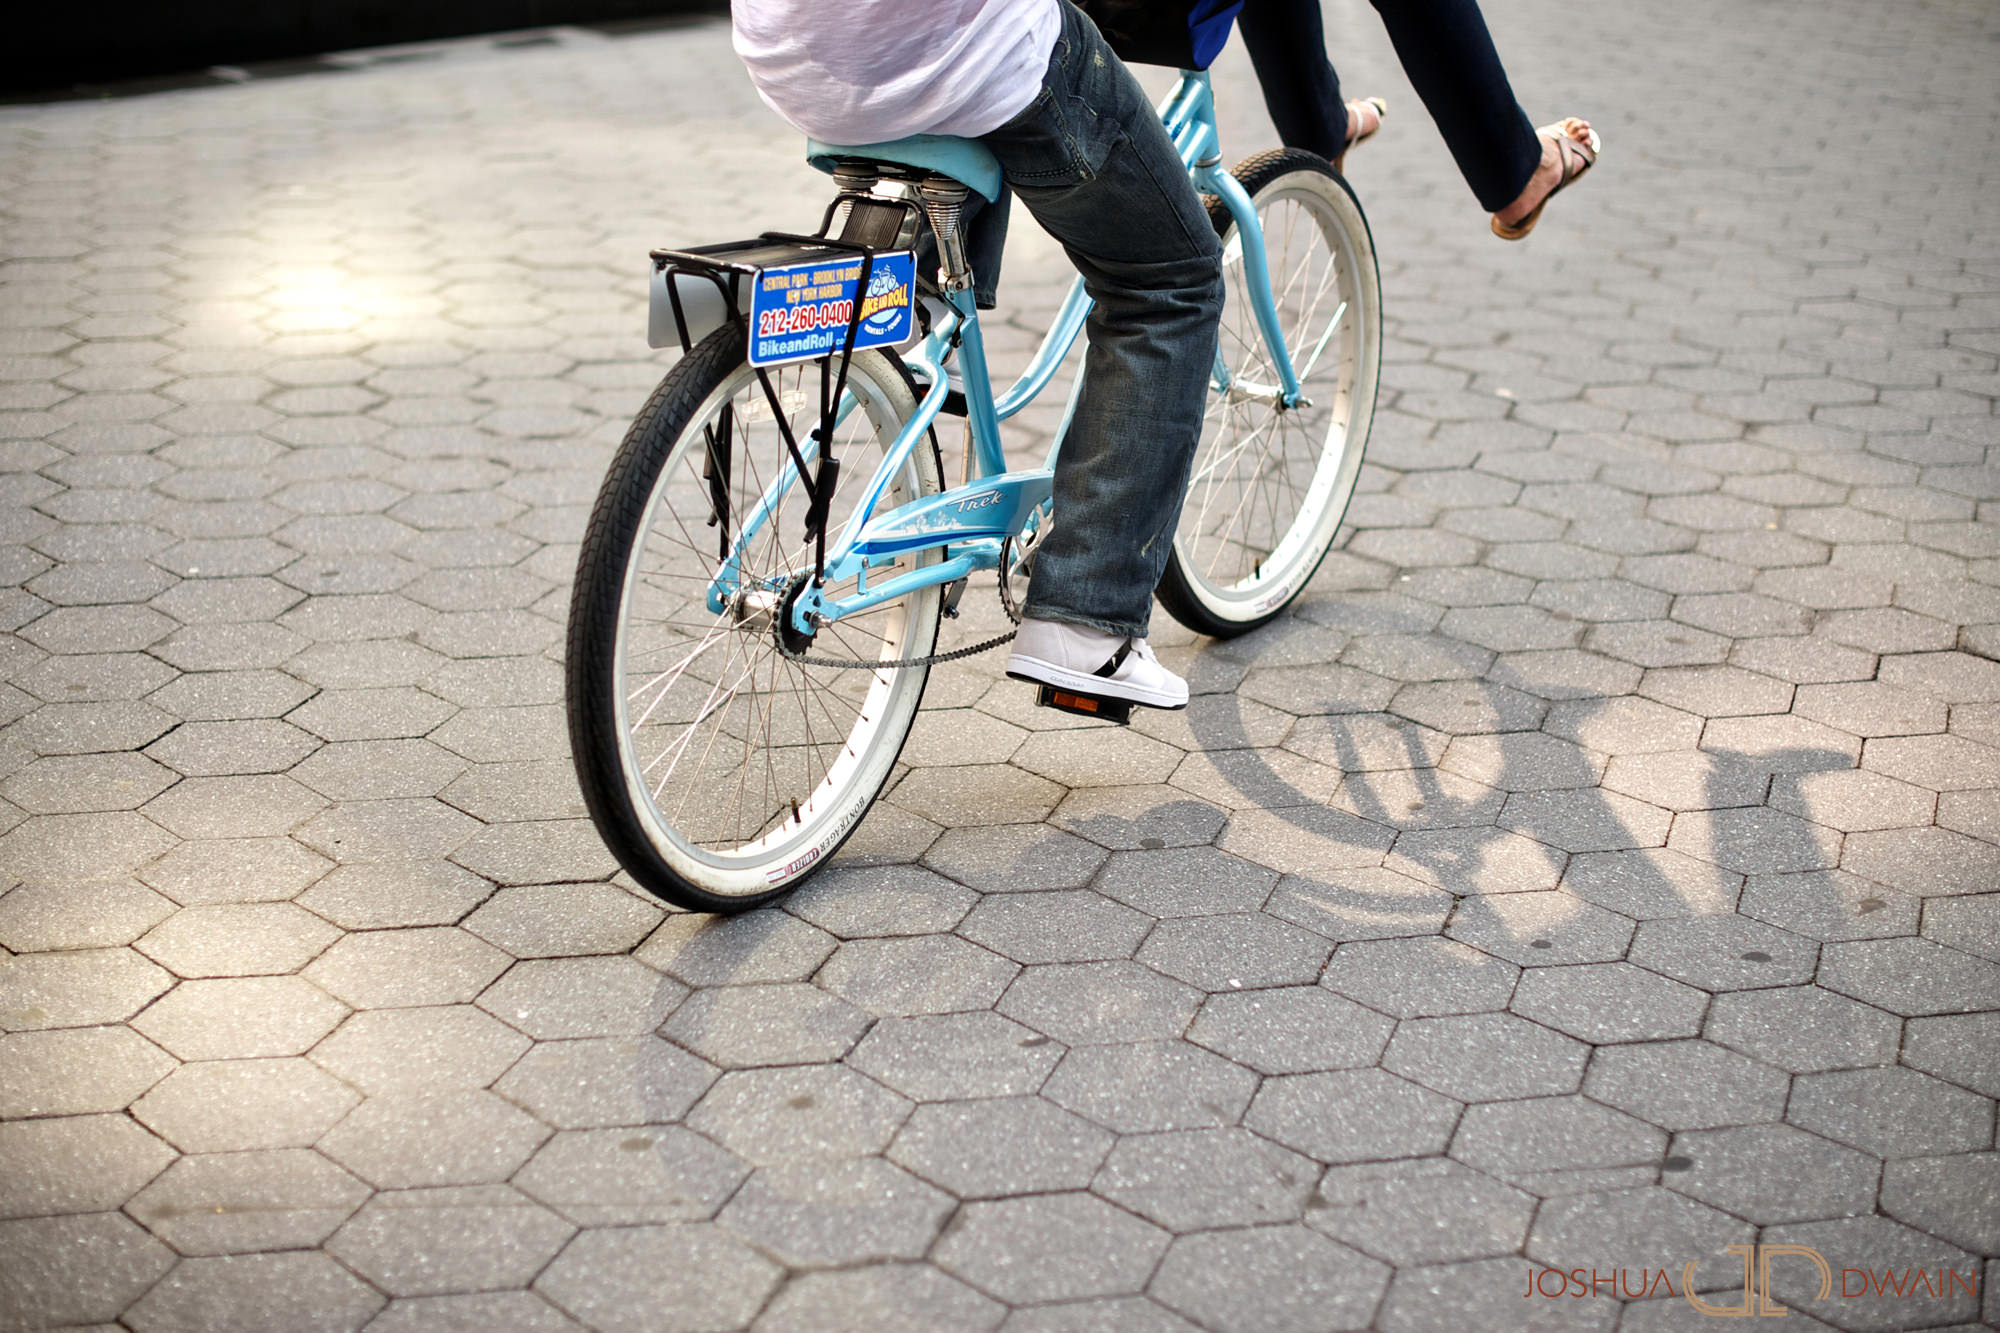 carolina-hector-004-battery-park-citynew-york-ny-engagement-photographer-joshua-dwain-20100724_ch_125